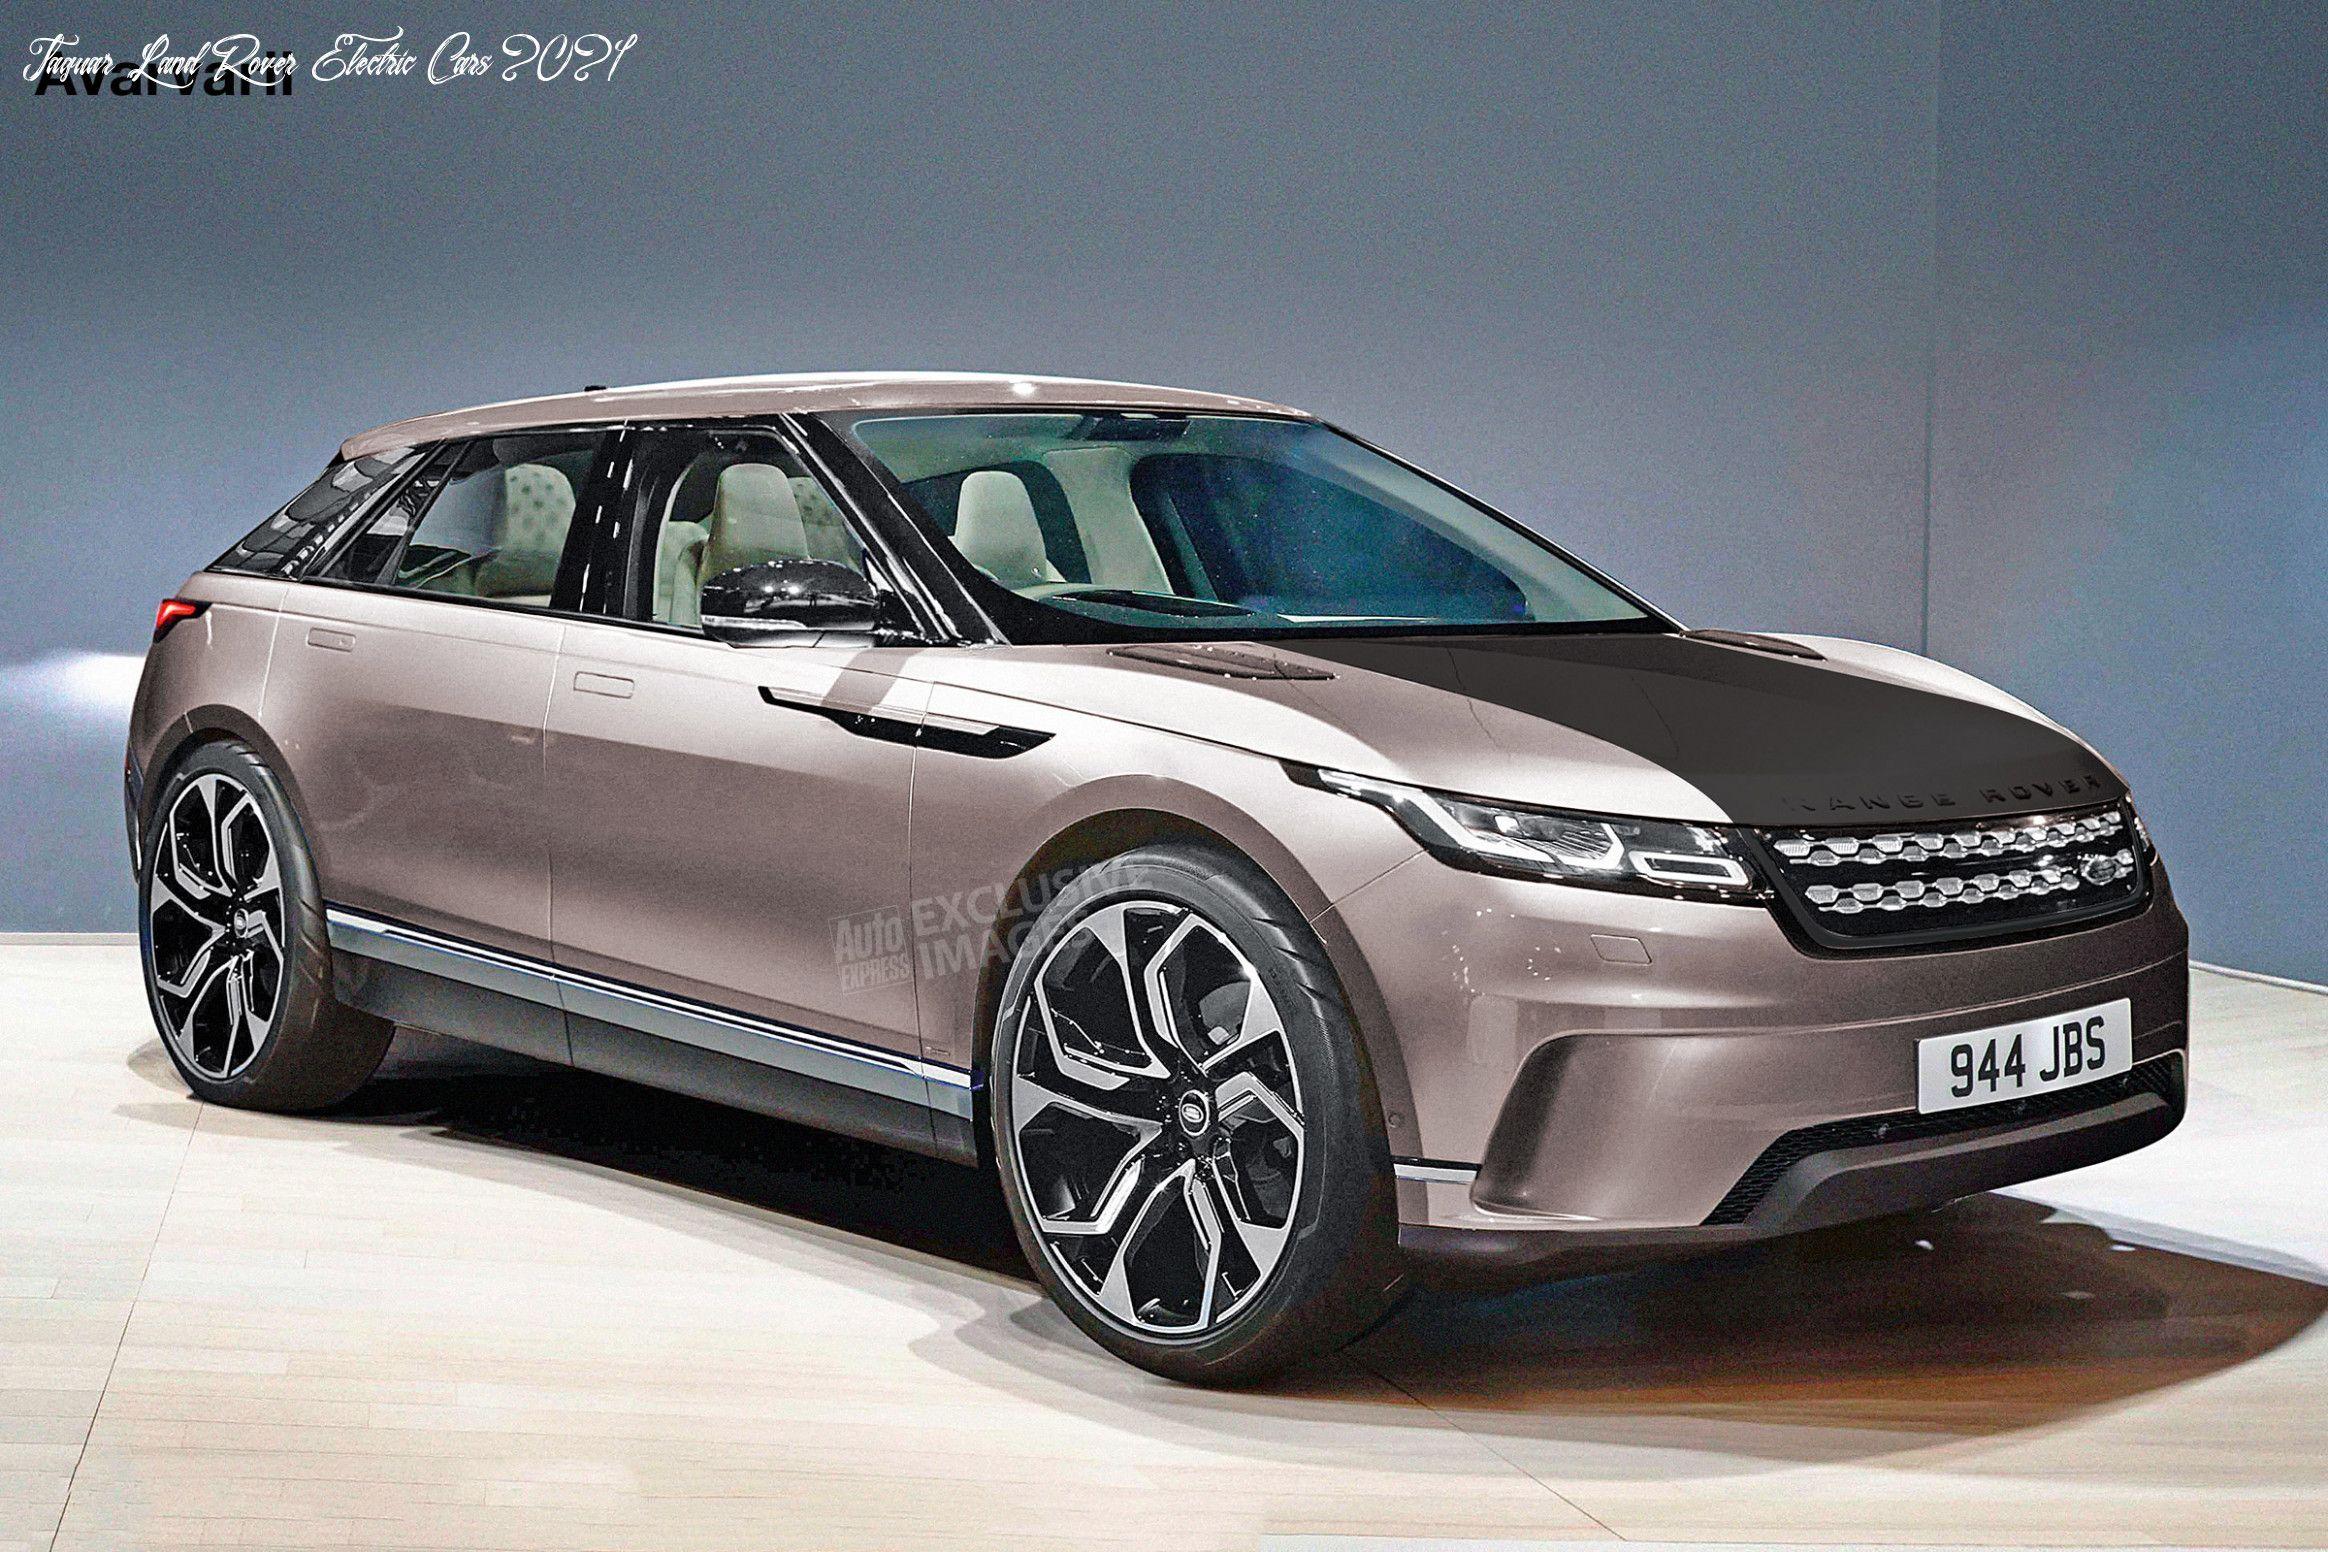 Jaguar Land Rover Electric Cars 2021 Ratings In 2020 Jaguar Land Rover Land Rover Jaguar